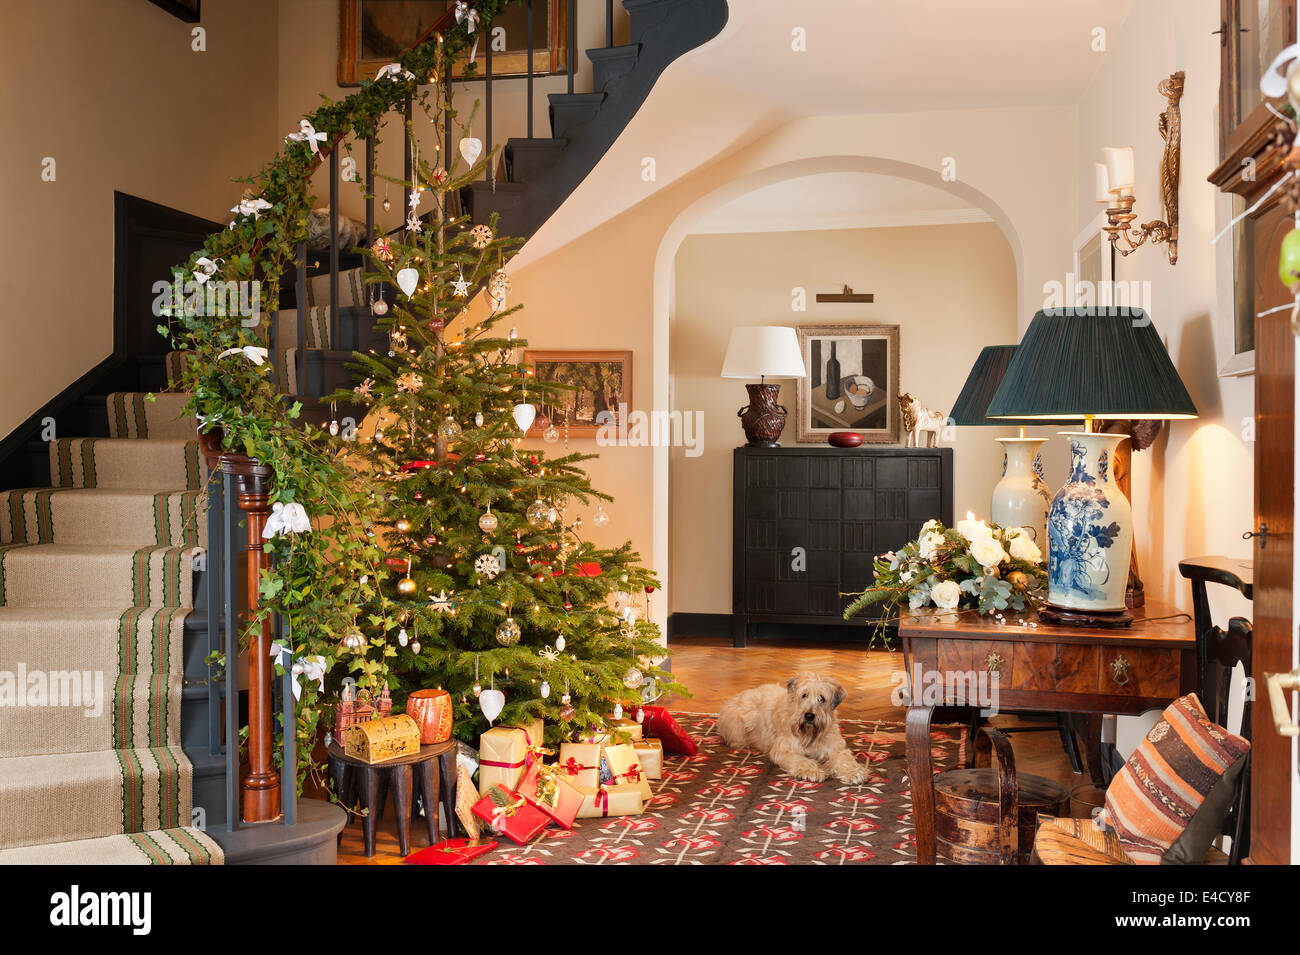 Weihnachtsbaum im Eingangsbereich mit Beginn des 20. Jahrhunderts Kelim. Die Hall-Tabelle ist französischer Stockbild